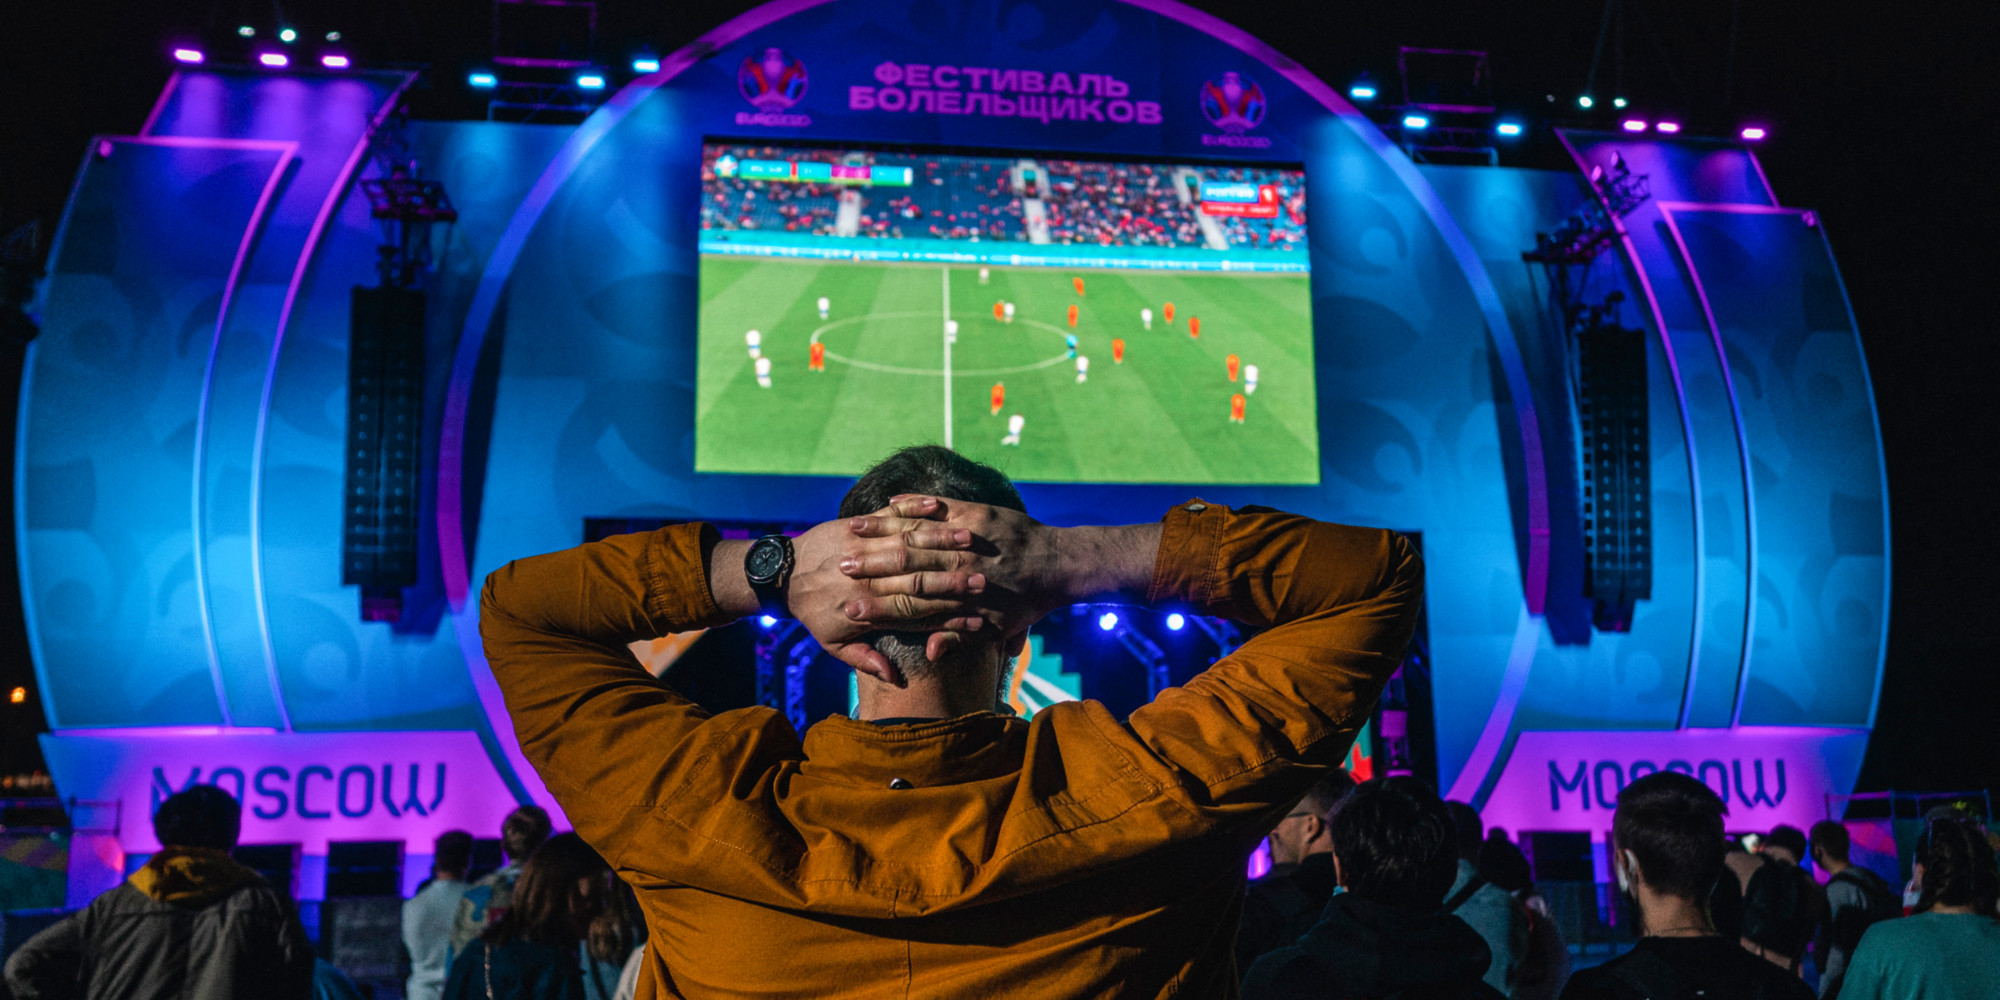 Covid : Moscou ferme sa fan-zone de l'Euro, des restrictions limitées à Saint-Pétersbourg